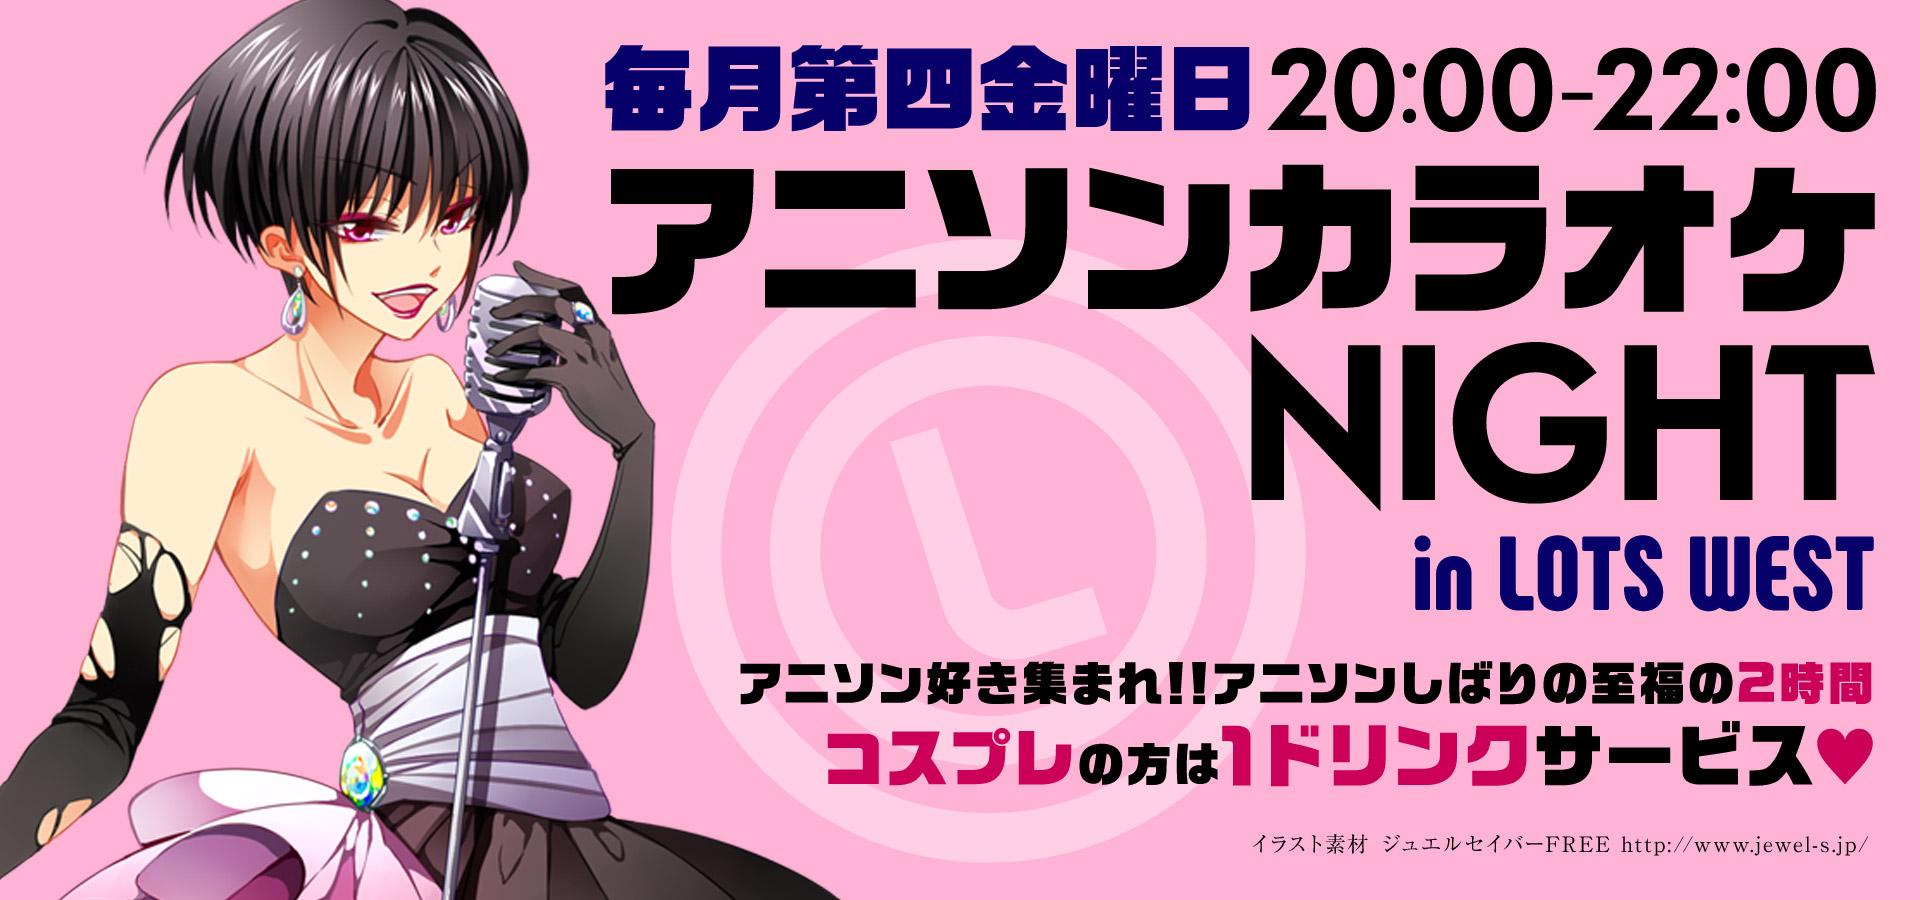 【毎月第4金曜日】アニソンカラオケNIGHT